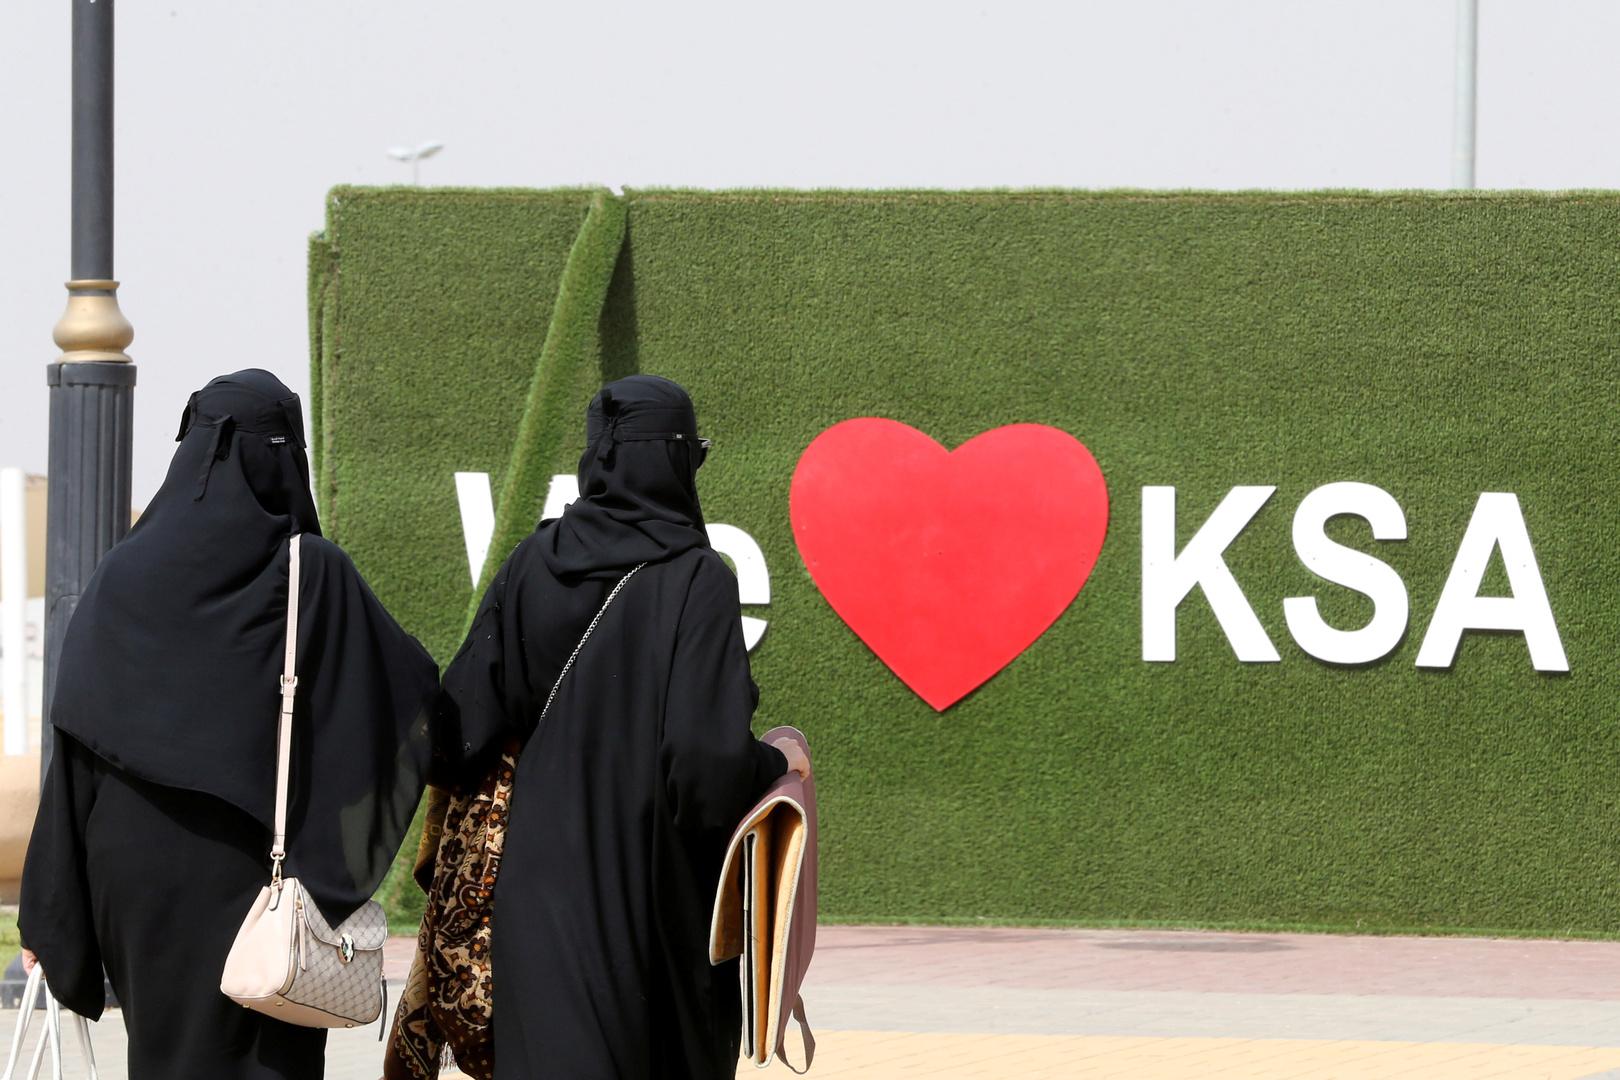 السعودية.. 20 امرأة يتوجن بمناصب قيادية عليا في رئاسة الحرمين